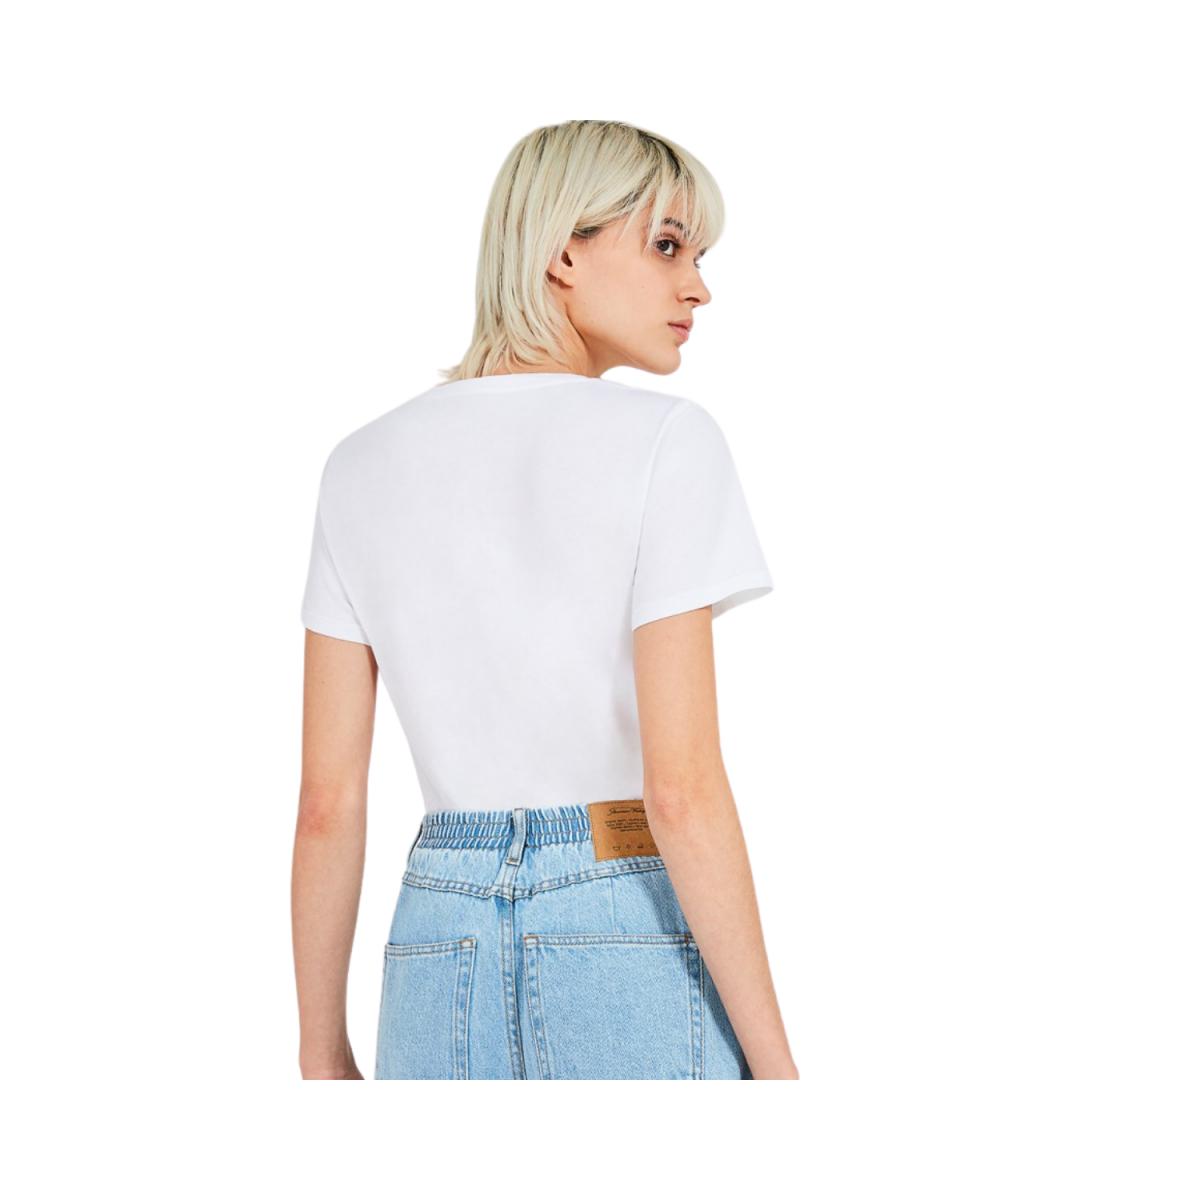 vegiflower t-shirt - blance - model billede bag